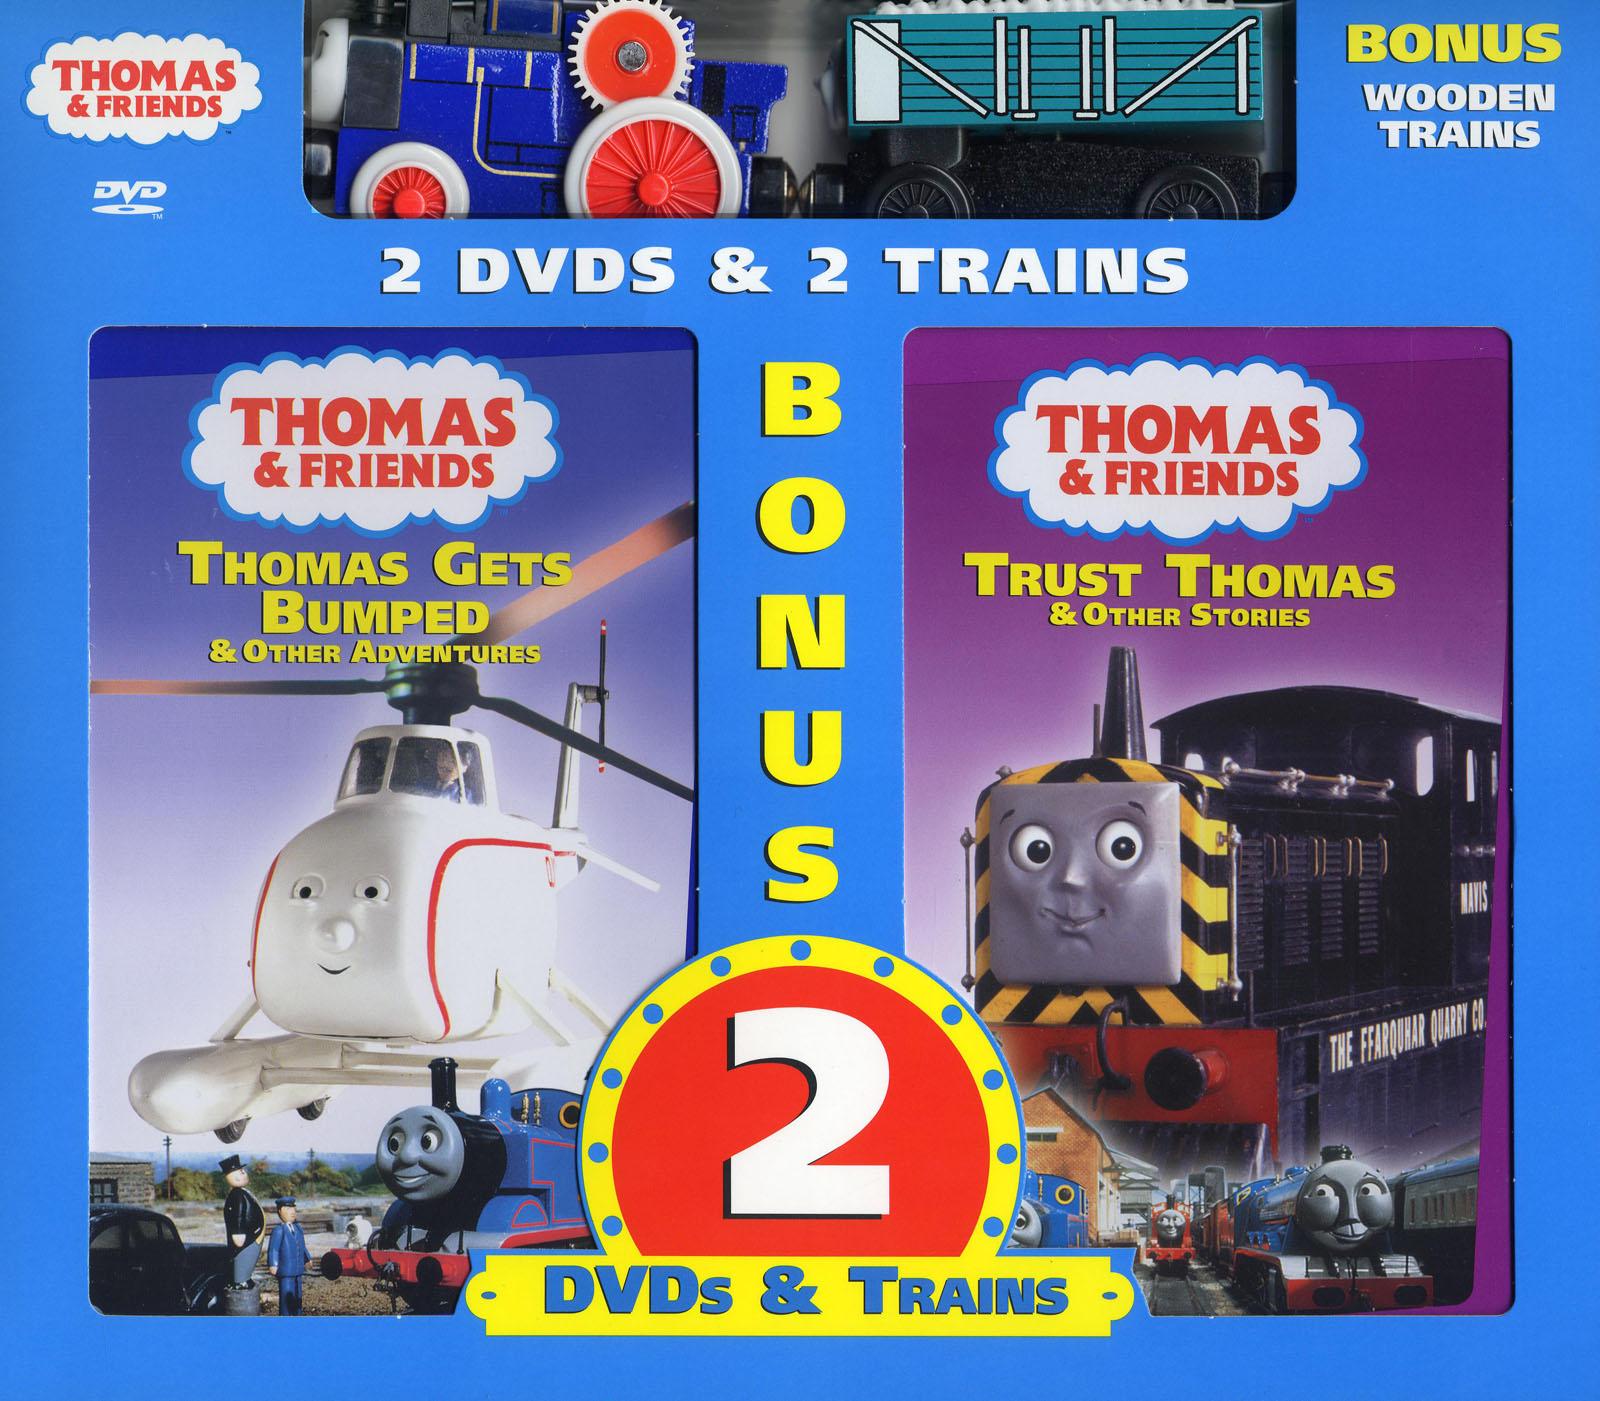 File:ThomasGetsBumpedandTrustThomasDVD2-packwithWoodenRailwayFergusandRickety.png